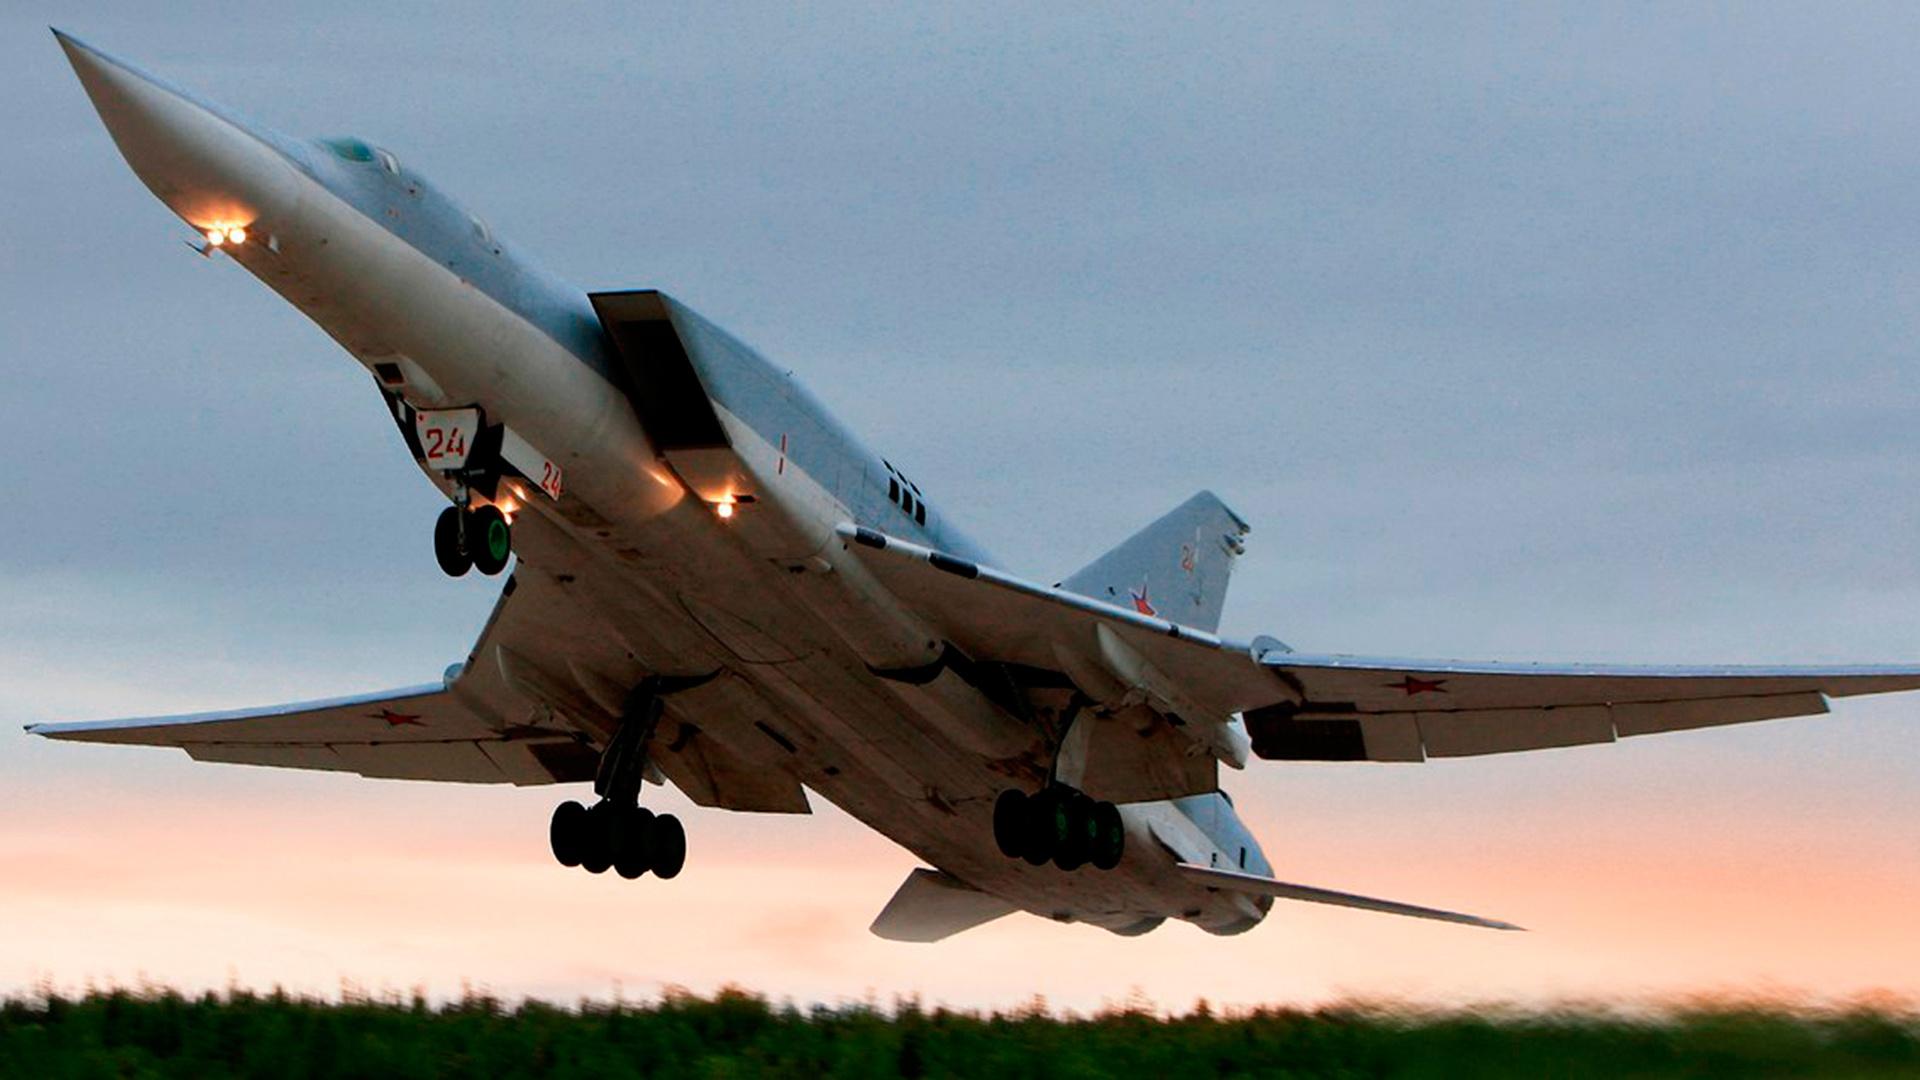 Армия России: сила и разум